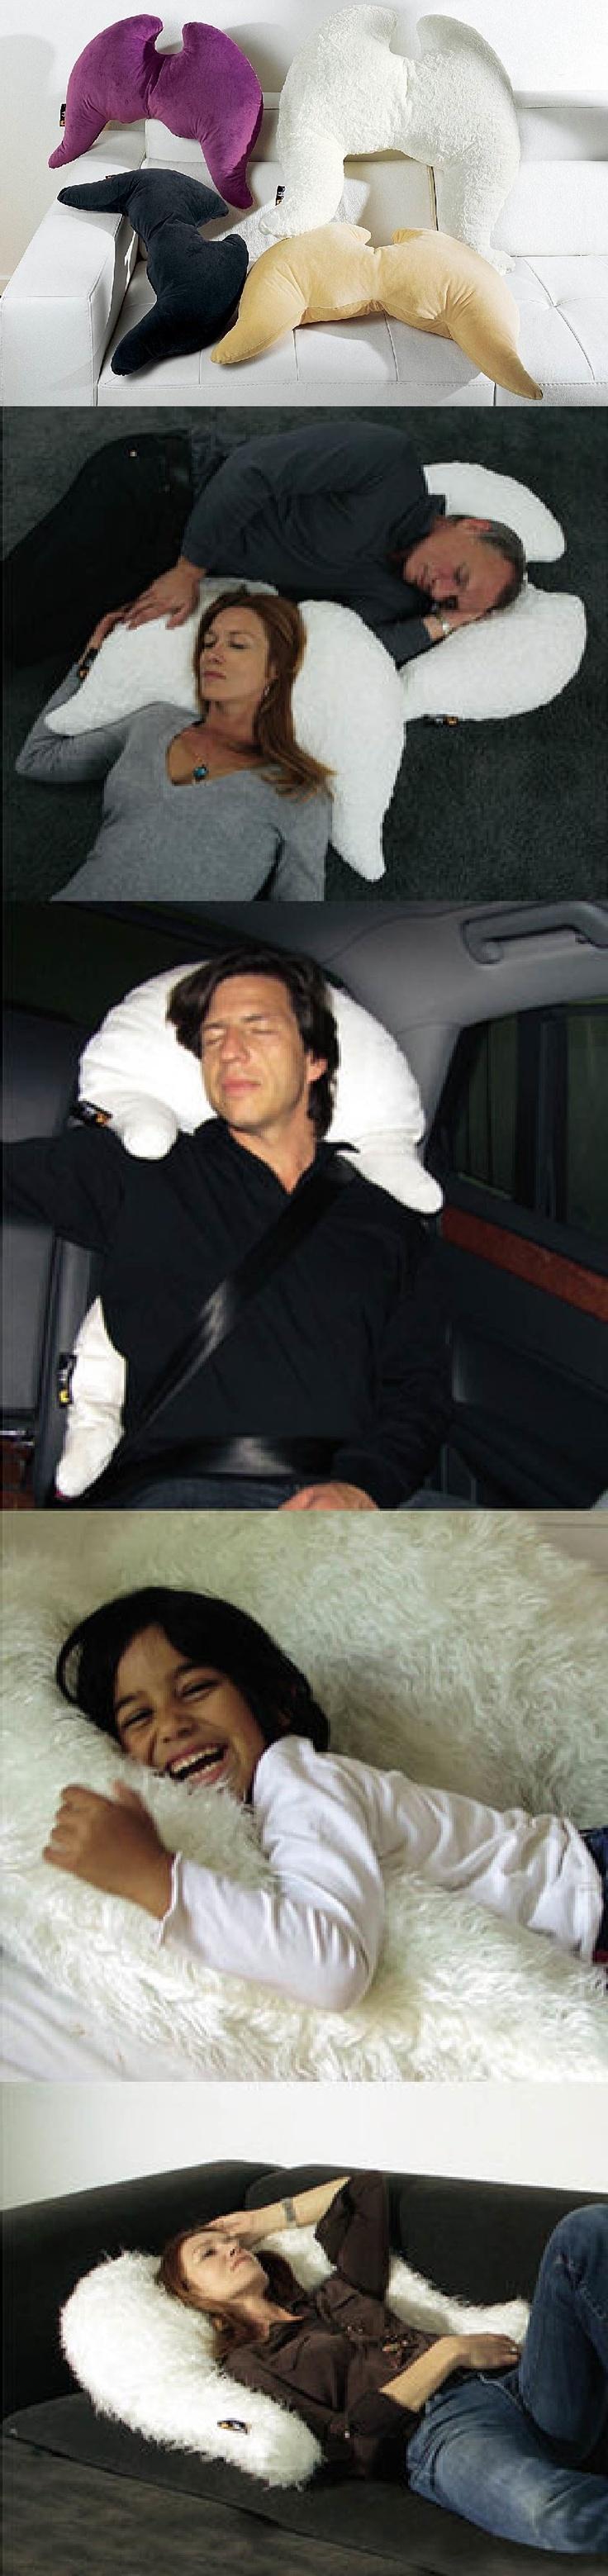 Un coussin à ailes pour un ange endormi ! Pratique et confortable, parfait pour éviter les torticolis en voiture ! http://www.helline.fr/Coussin-ailes-Merowings/an053669X/HellineFr?s==sh17834218sp10015029233